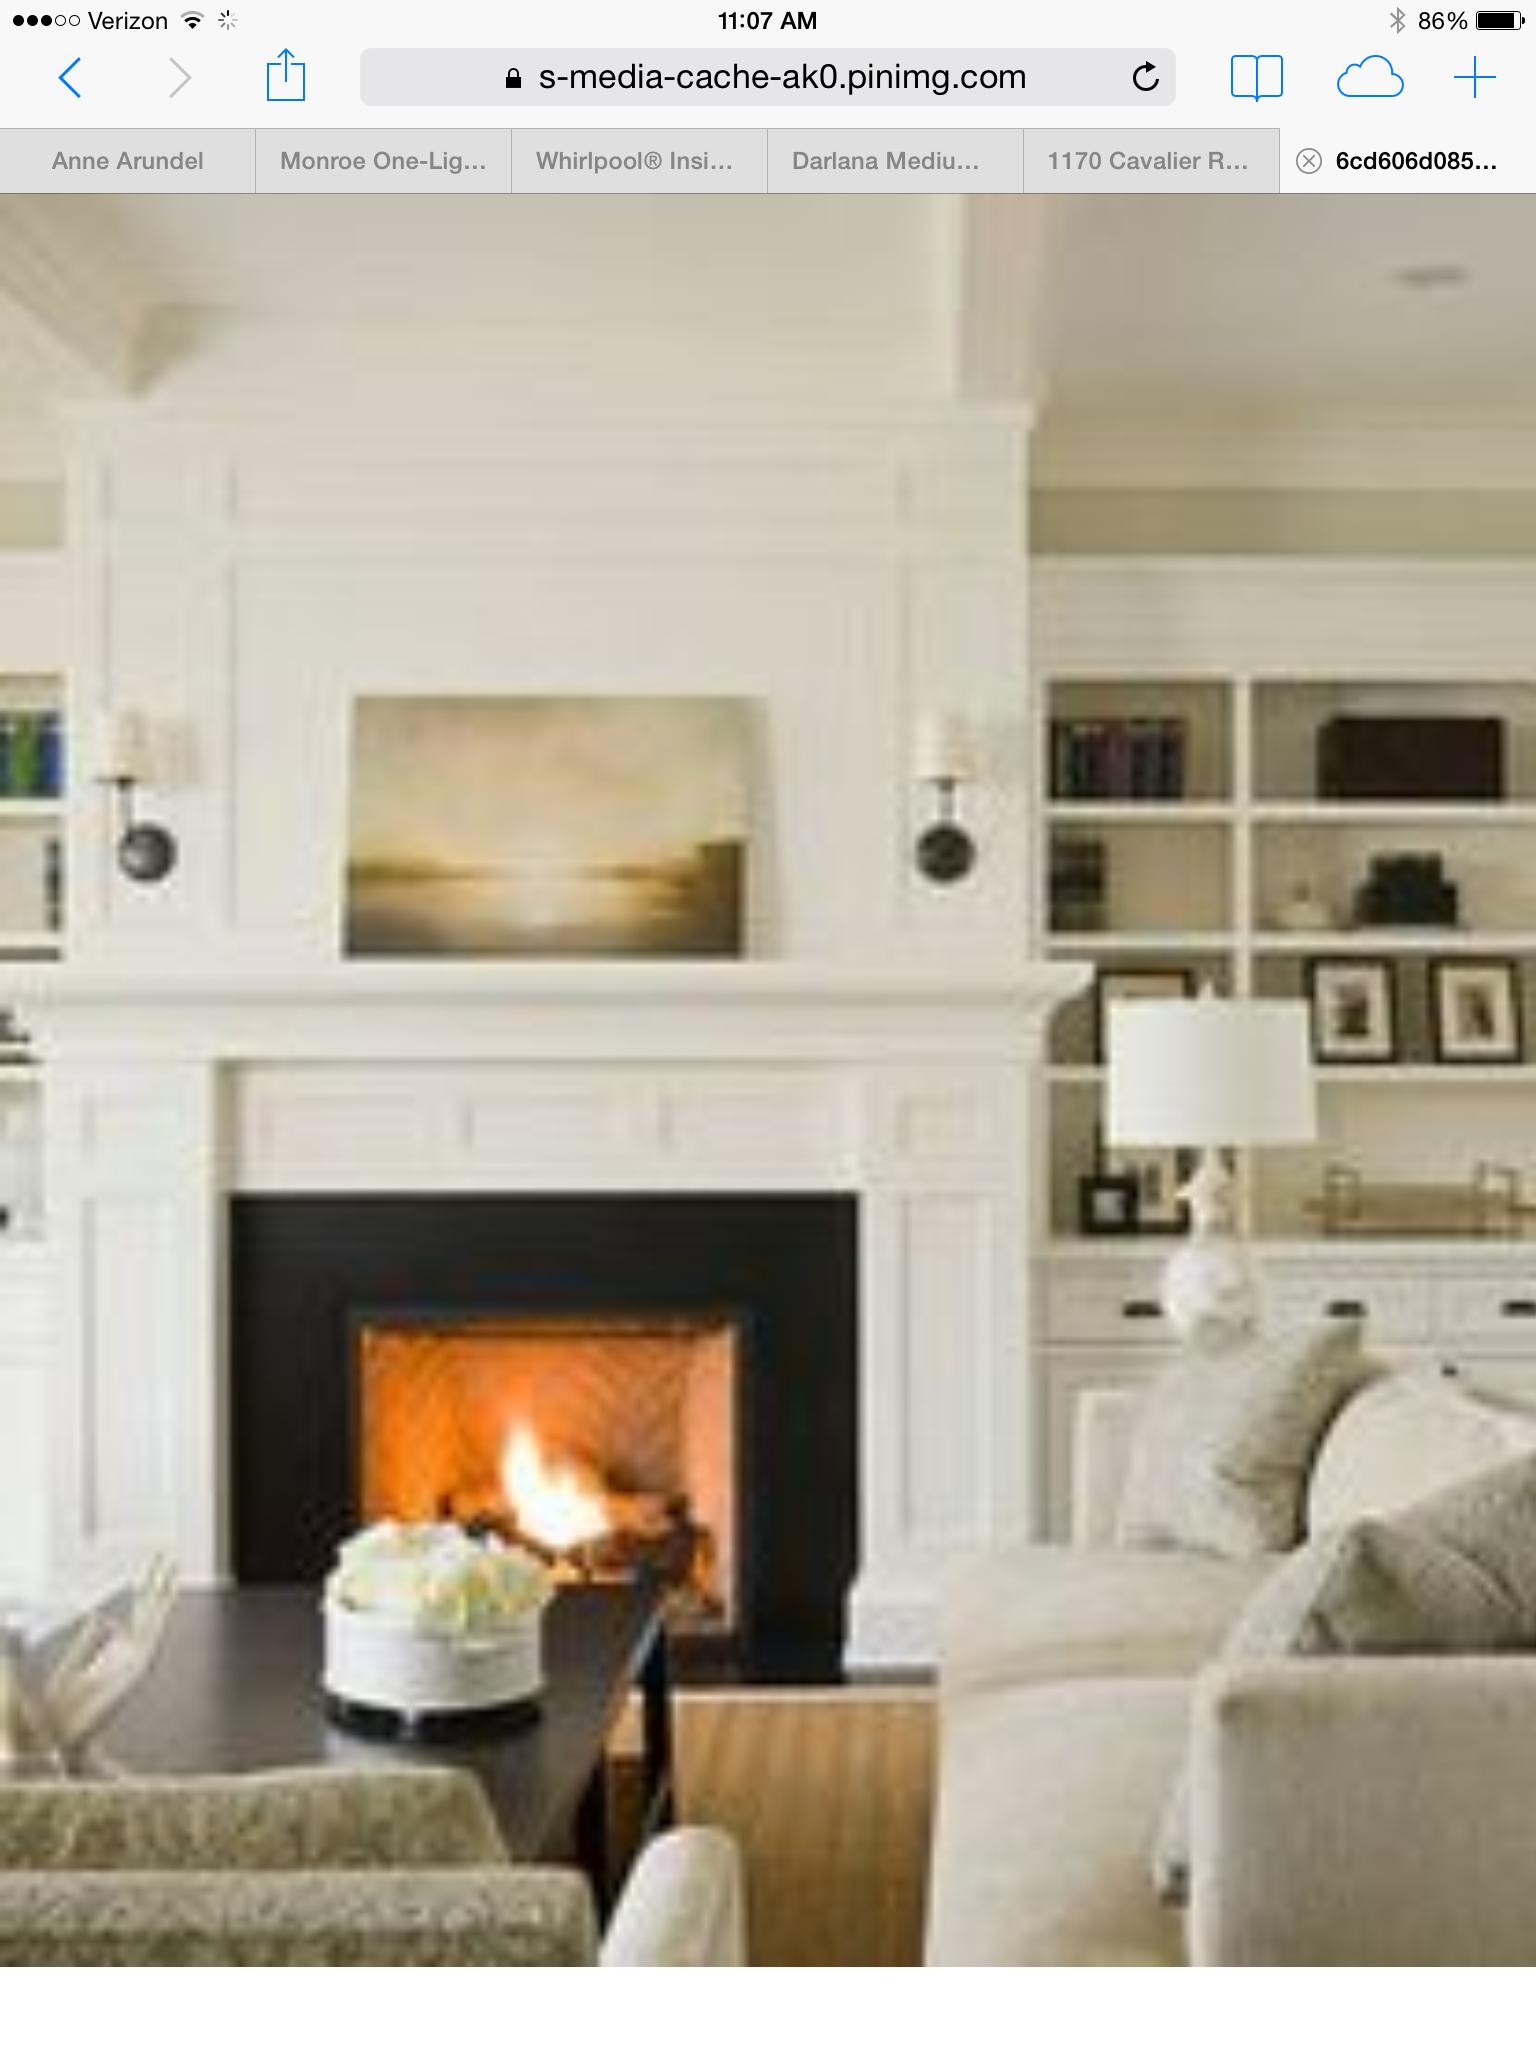 Wohnzimmer, Zuhause, Inneneinrichtung, Runde, Rund Ums Haus, Kaminofen,  Wohnbereich, Eingebauter Kamin, Kamin Umgibt